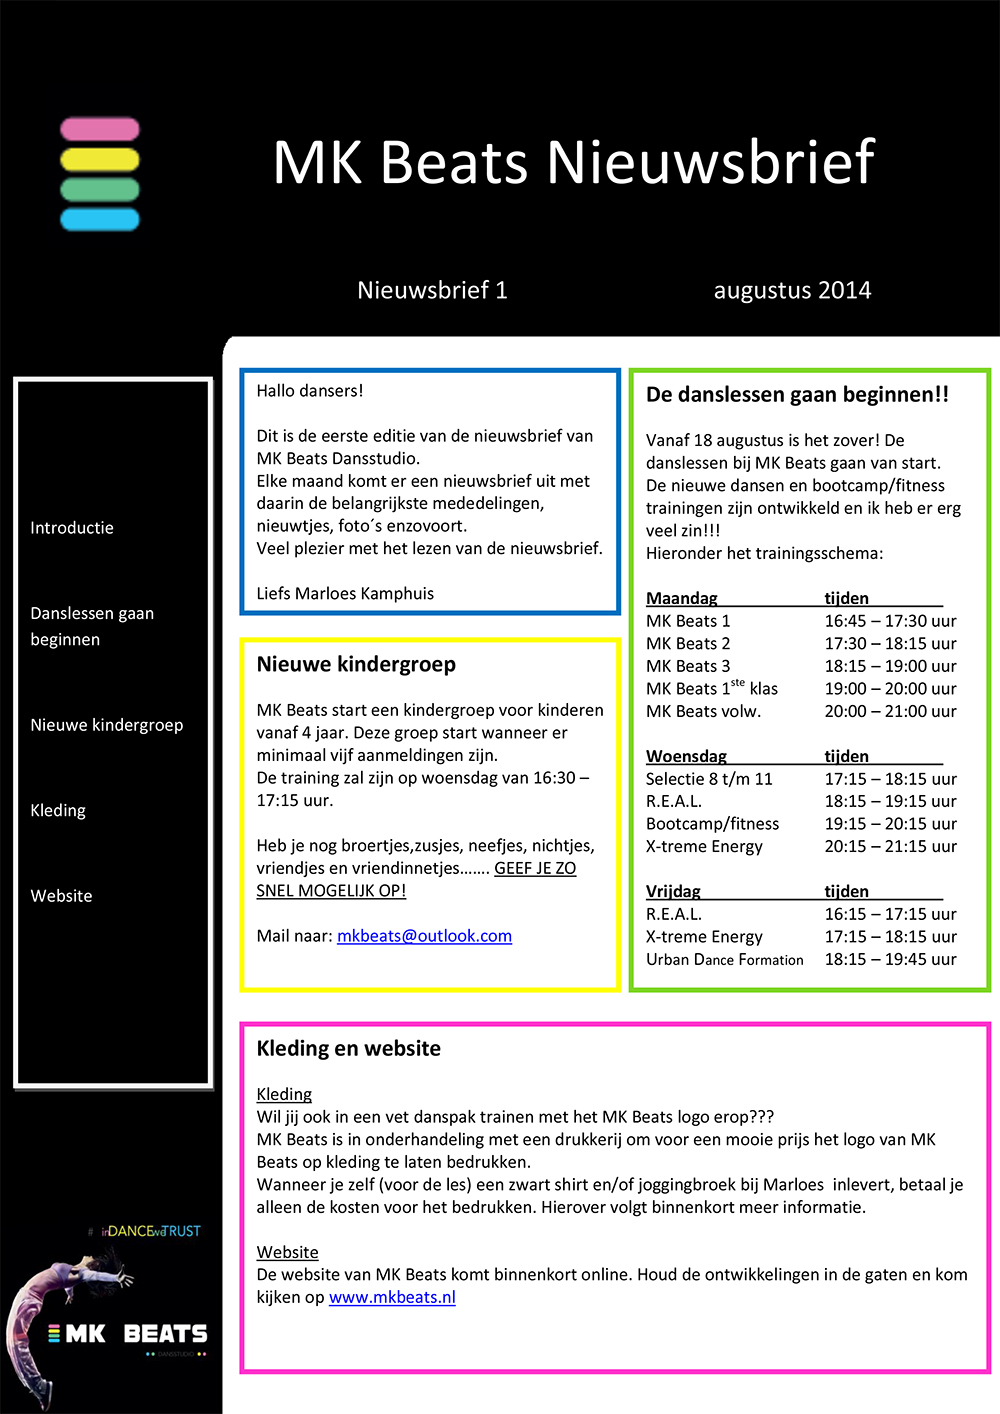 Nieuwsbrief MK Beats augustus 2014